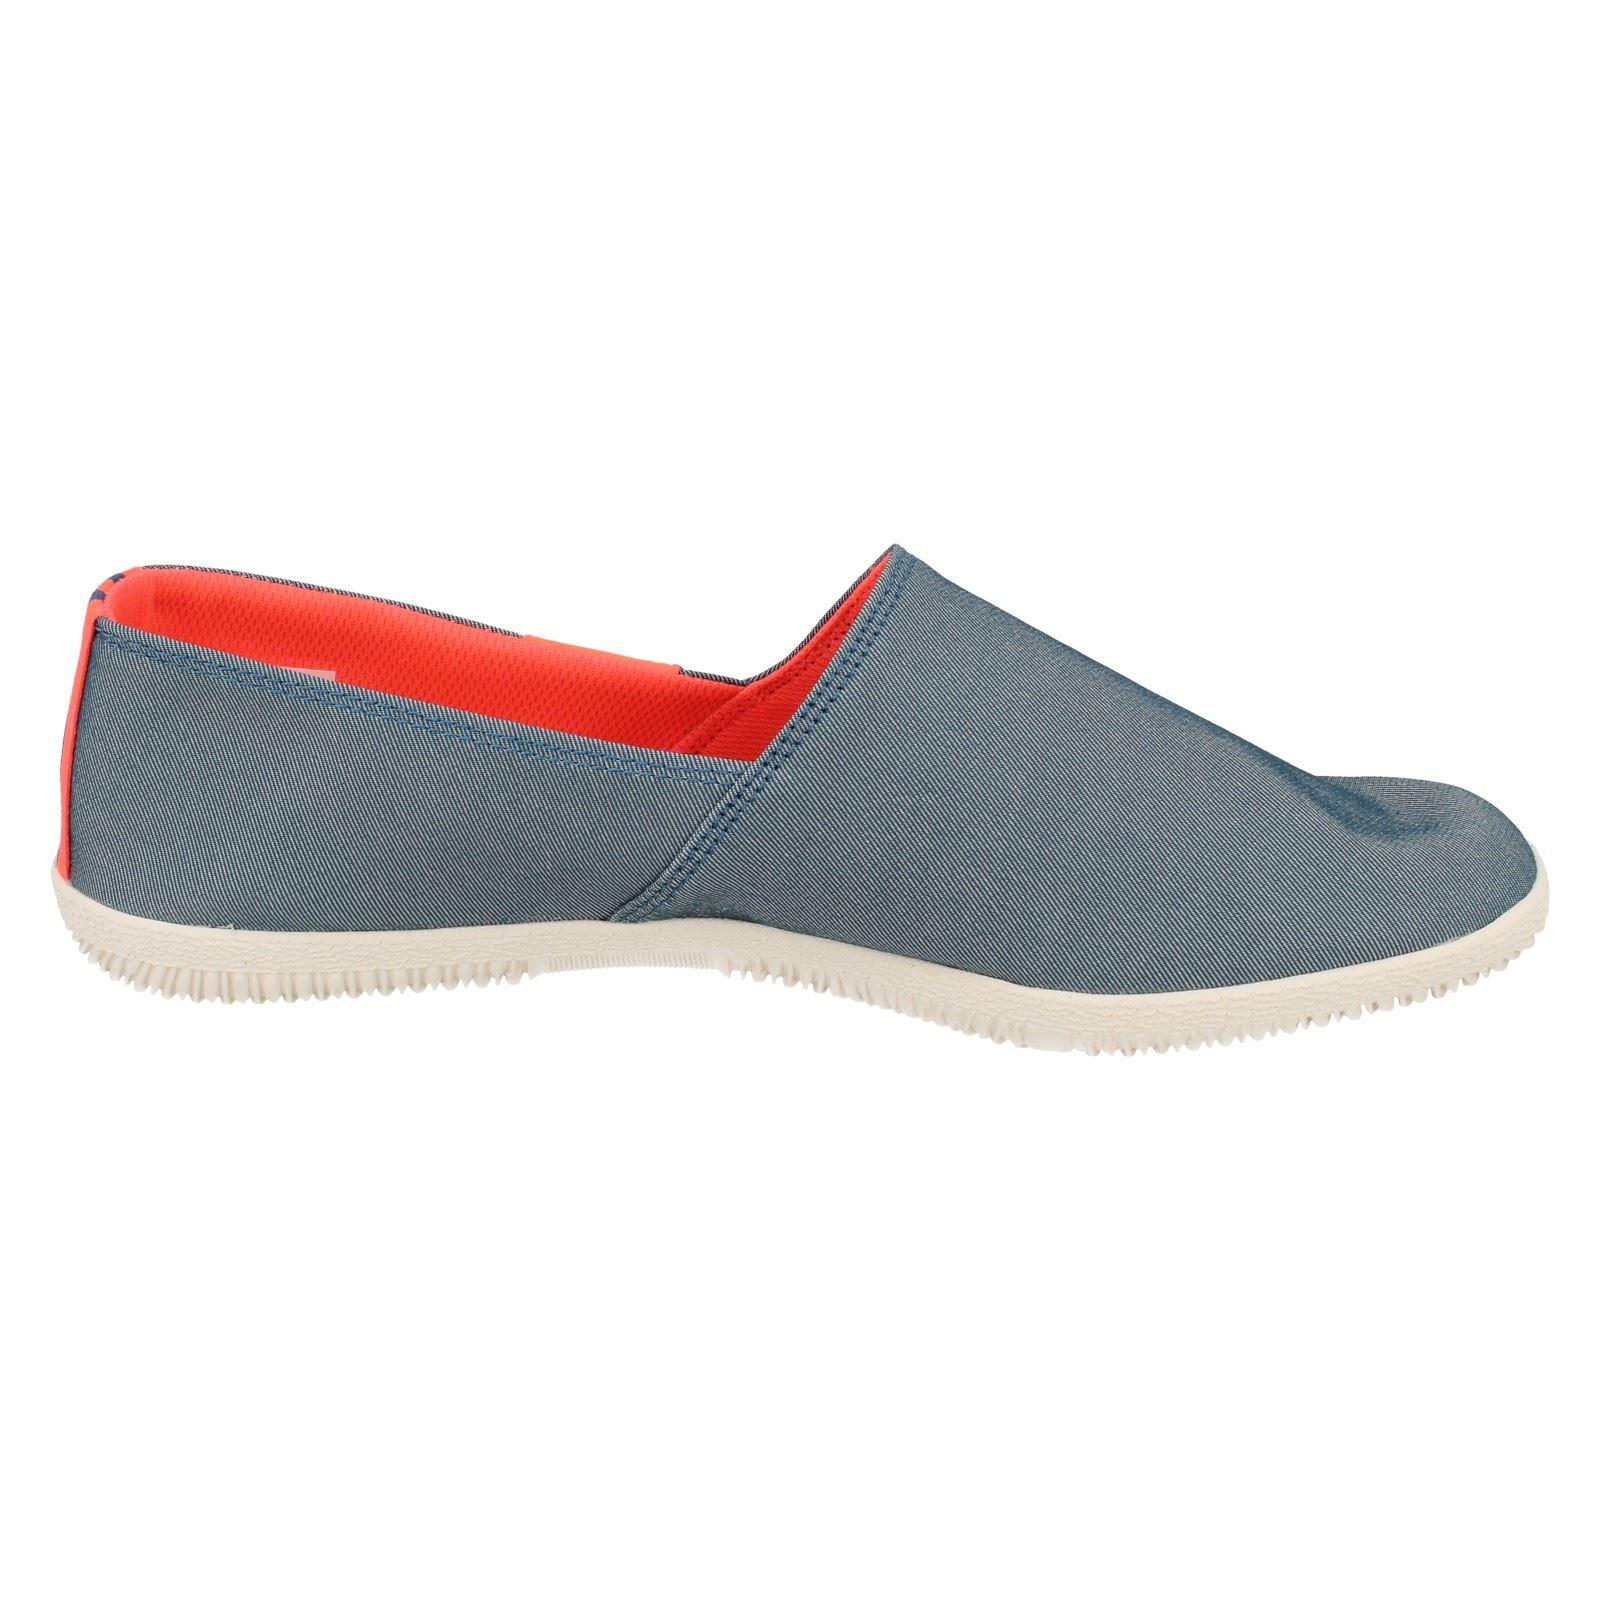 Mens-Adidas-Adidrill-Canvas-Pumps thumbnail 19